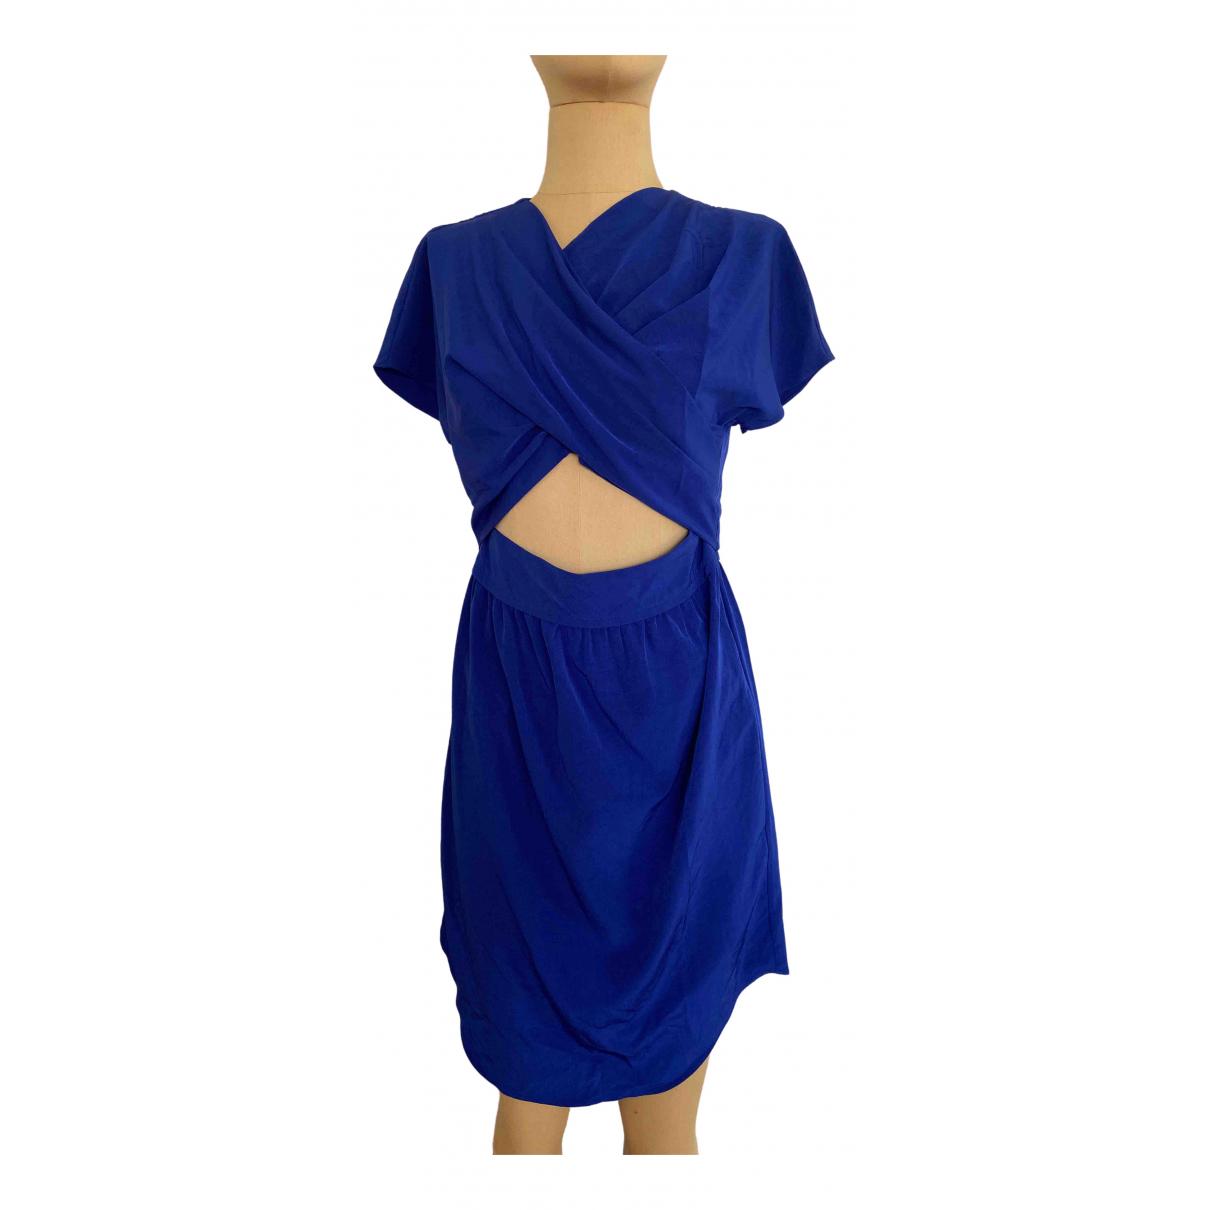 Carven \N Kleid in  Blau Synthetik